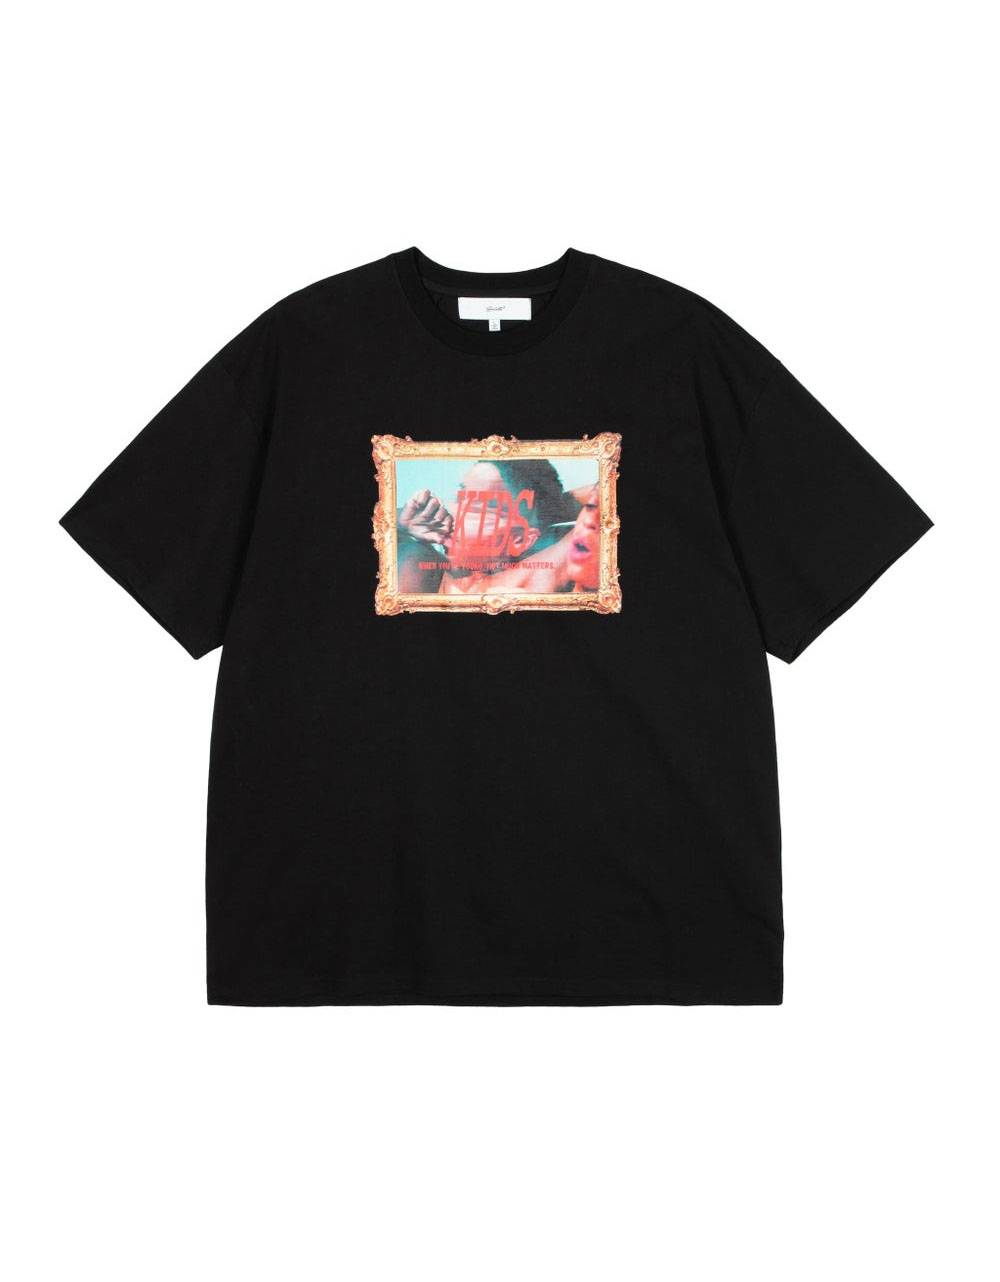 Salute HK Kid oversize t-shirt - black Salute HK T-shirt 81,15€